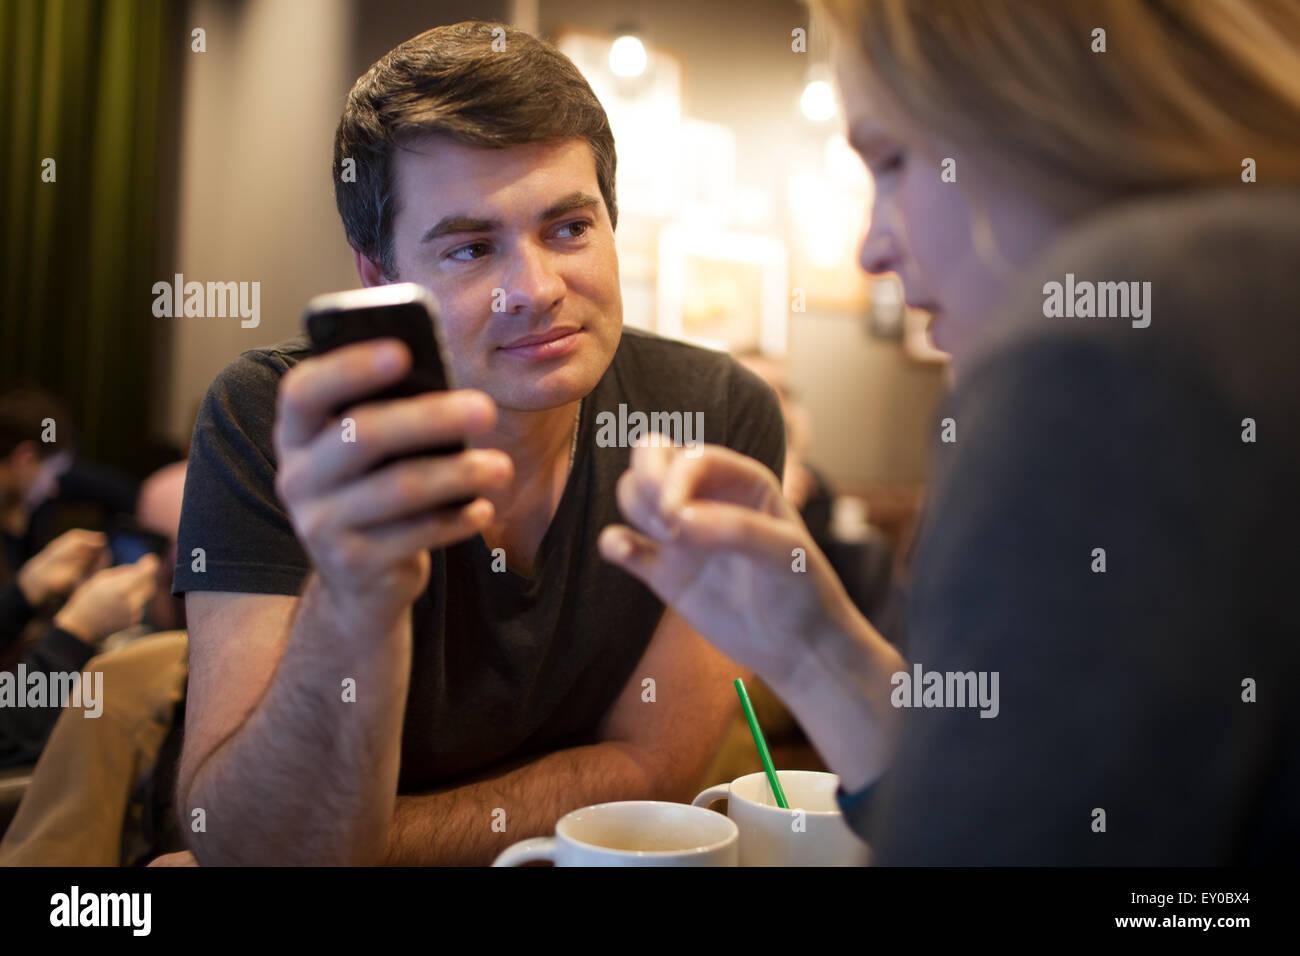 Hombre utilizando el teléfono móvil durante la reunión con la chica en el café Imagen De Stock